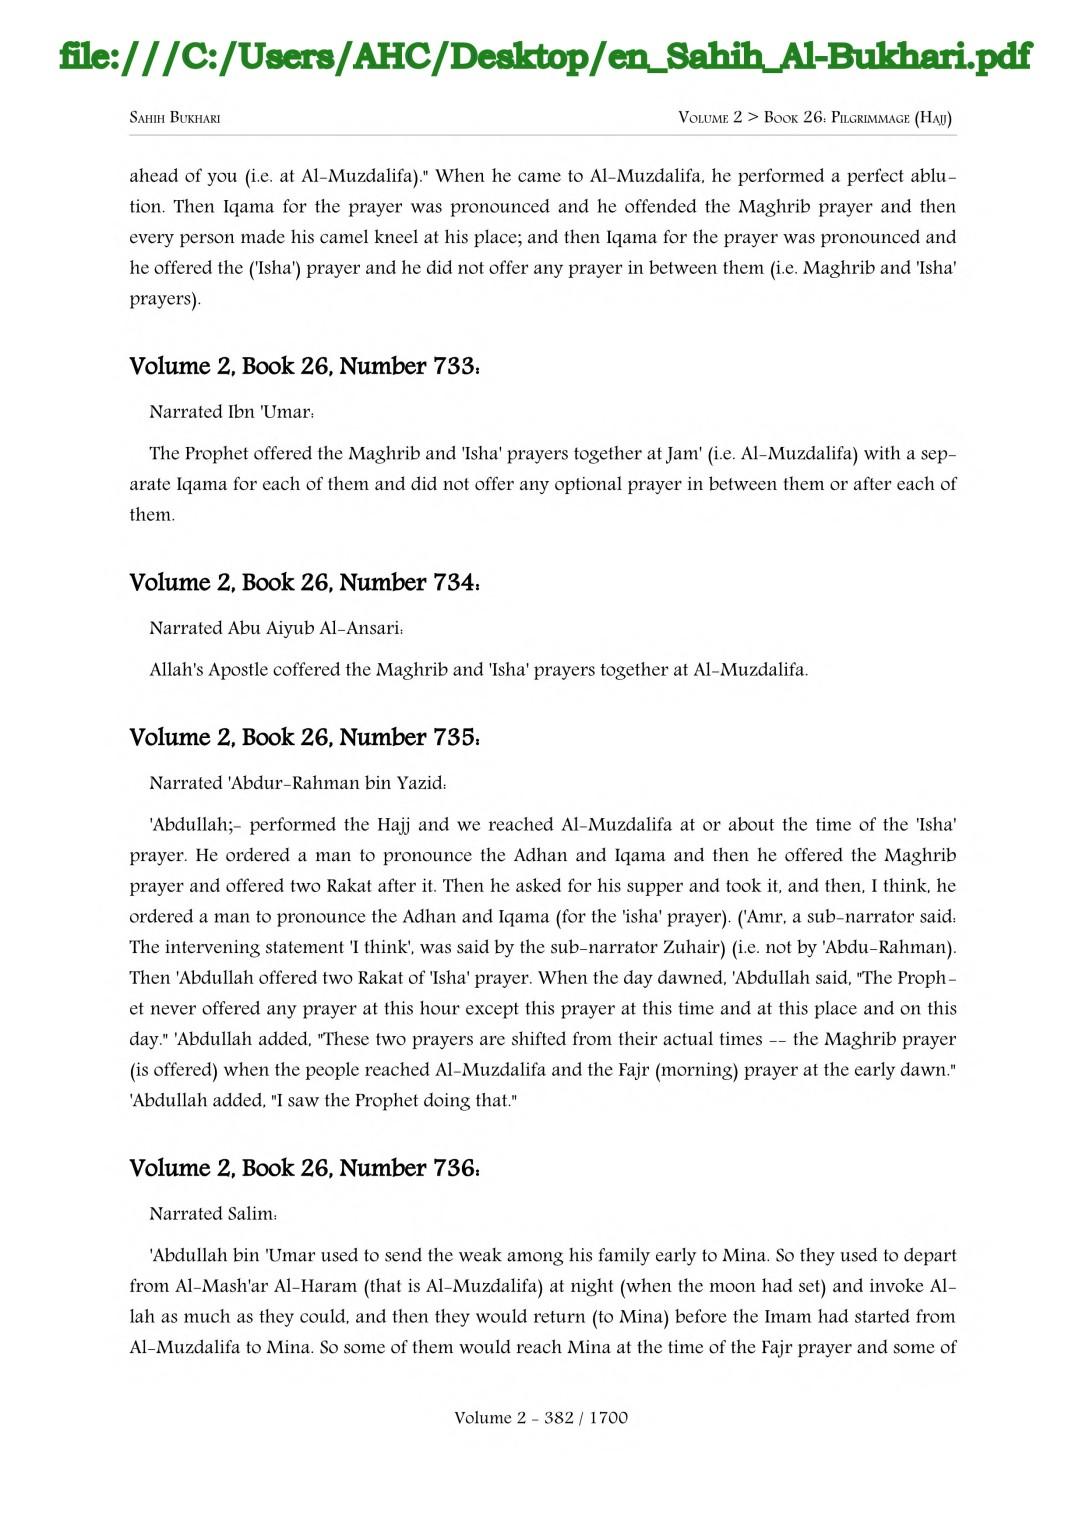 file:///C:/Users/AHC/Desktop/en_Sahih_Al-Bukhari.pdf